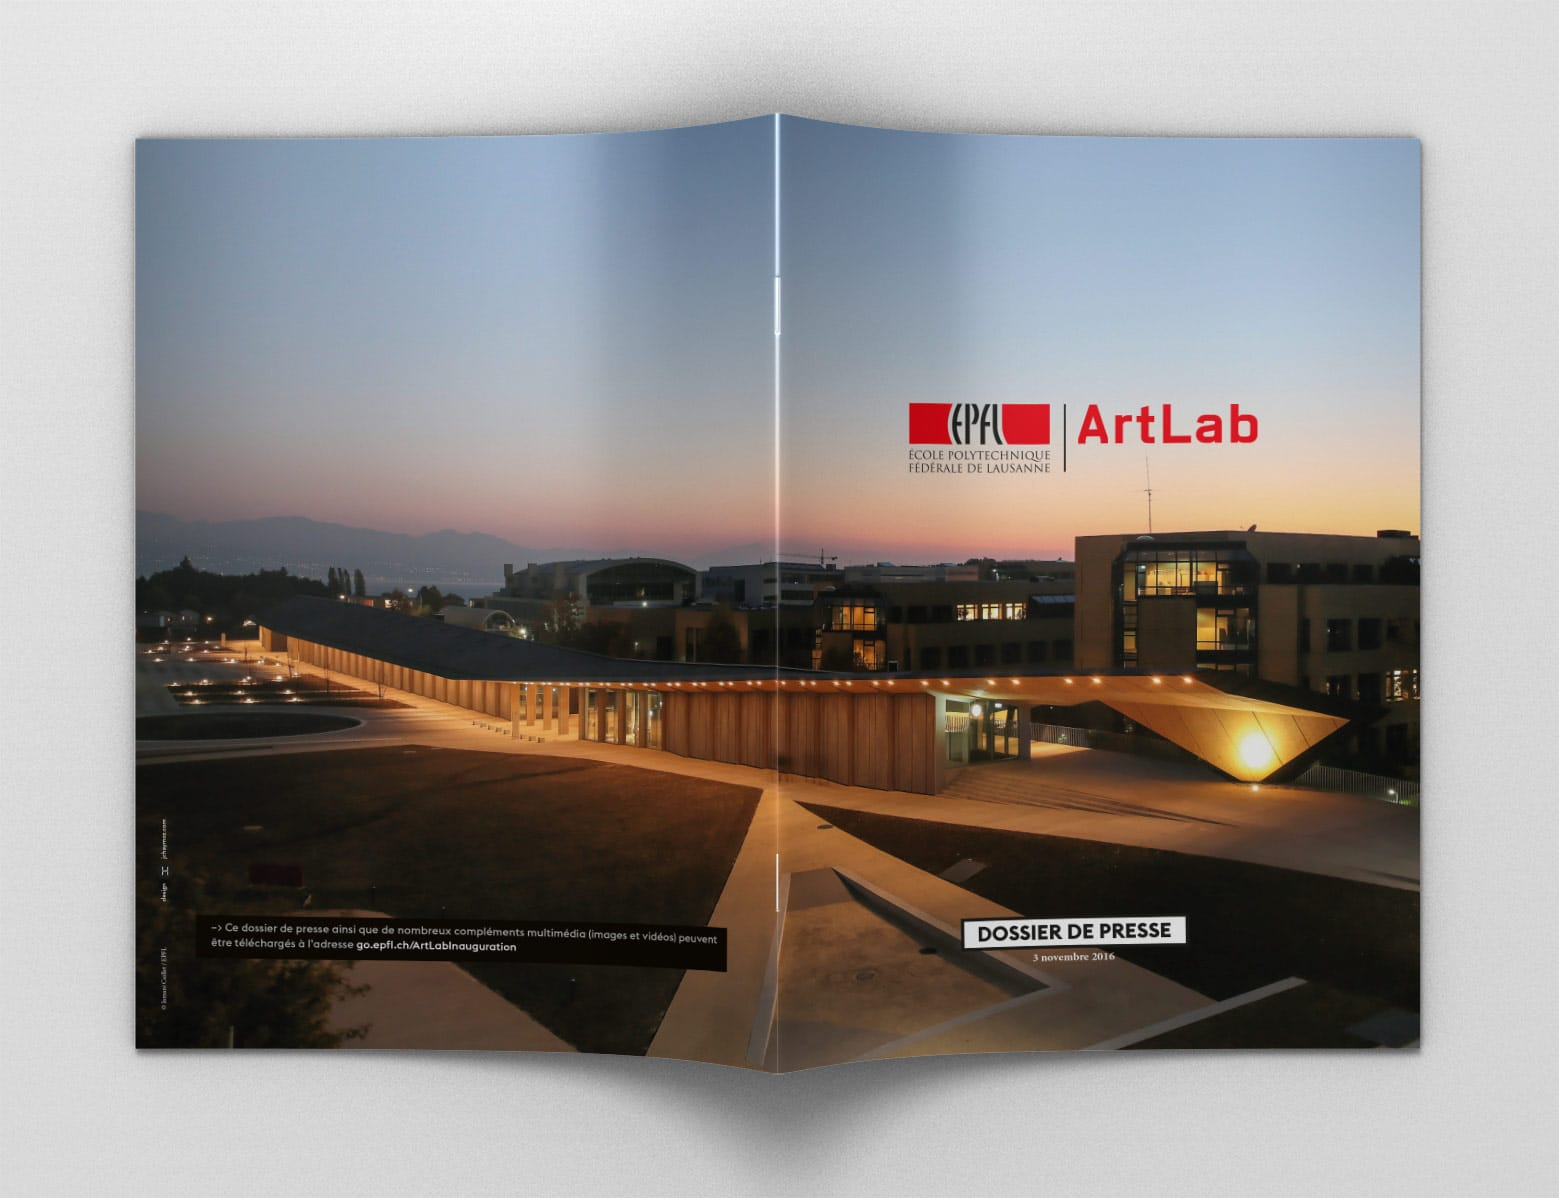 Dossier de Presse Bâtiment Artlab EPFL couverture